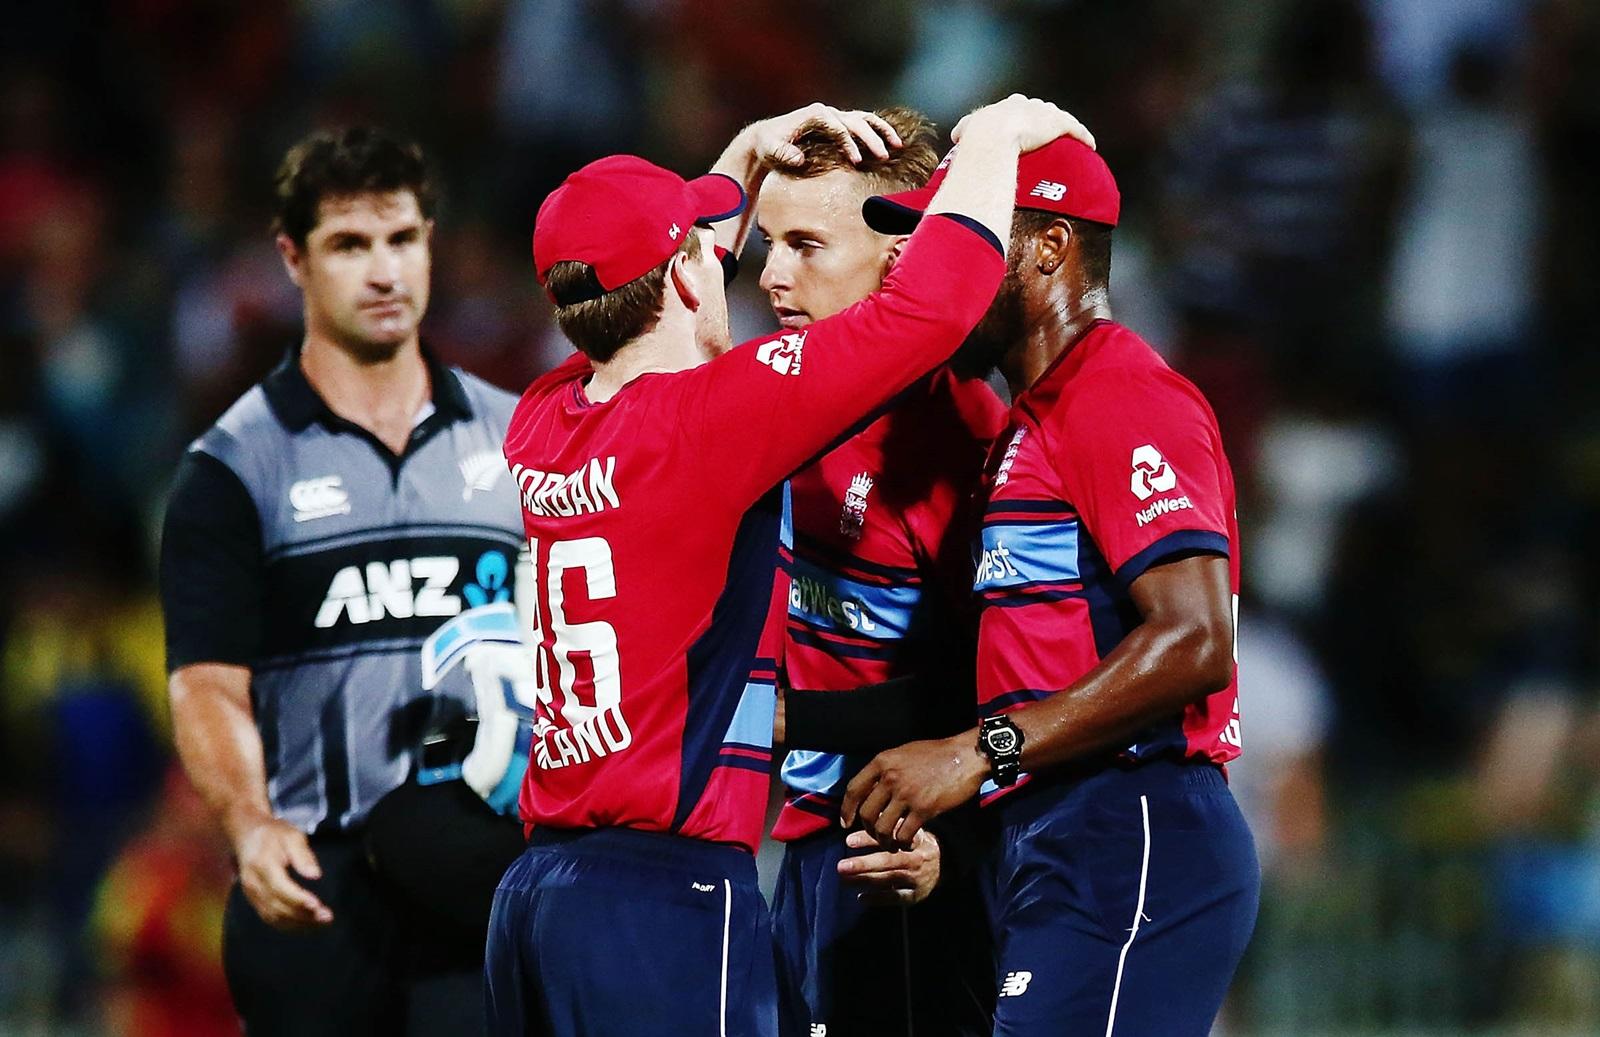 इंग्लैंड ने साउथ अफ्रीका के खिलाफ टी20 और वनडे सीरीज के लिए टीम का किया ऐलान 3